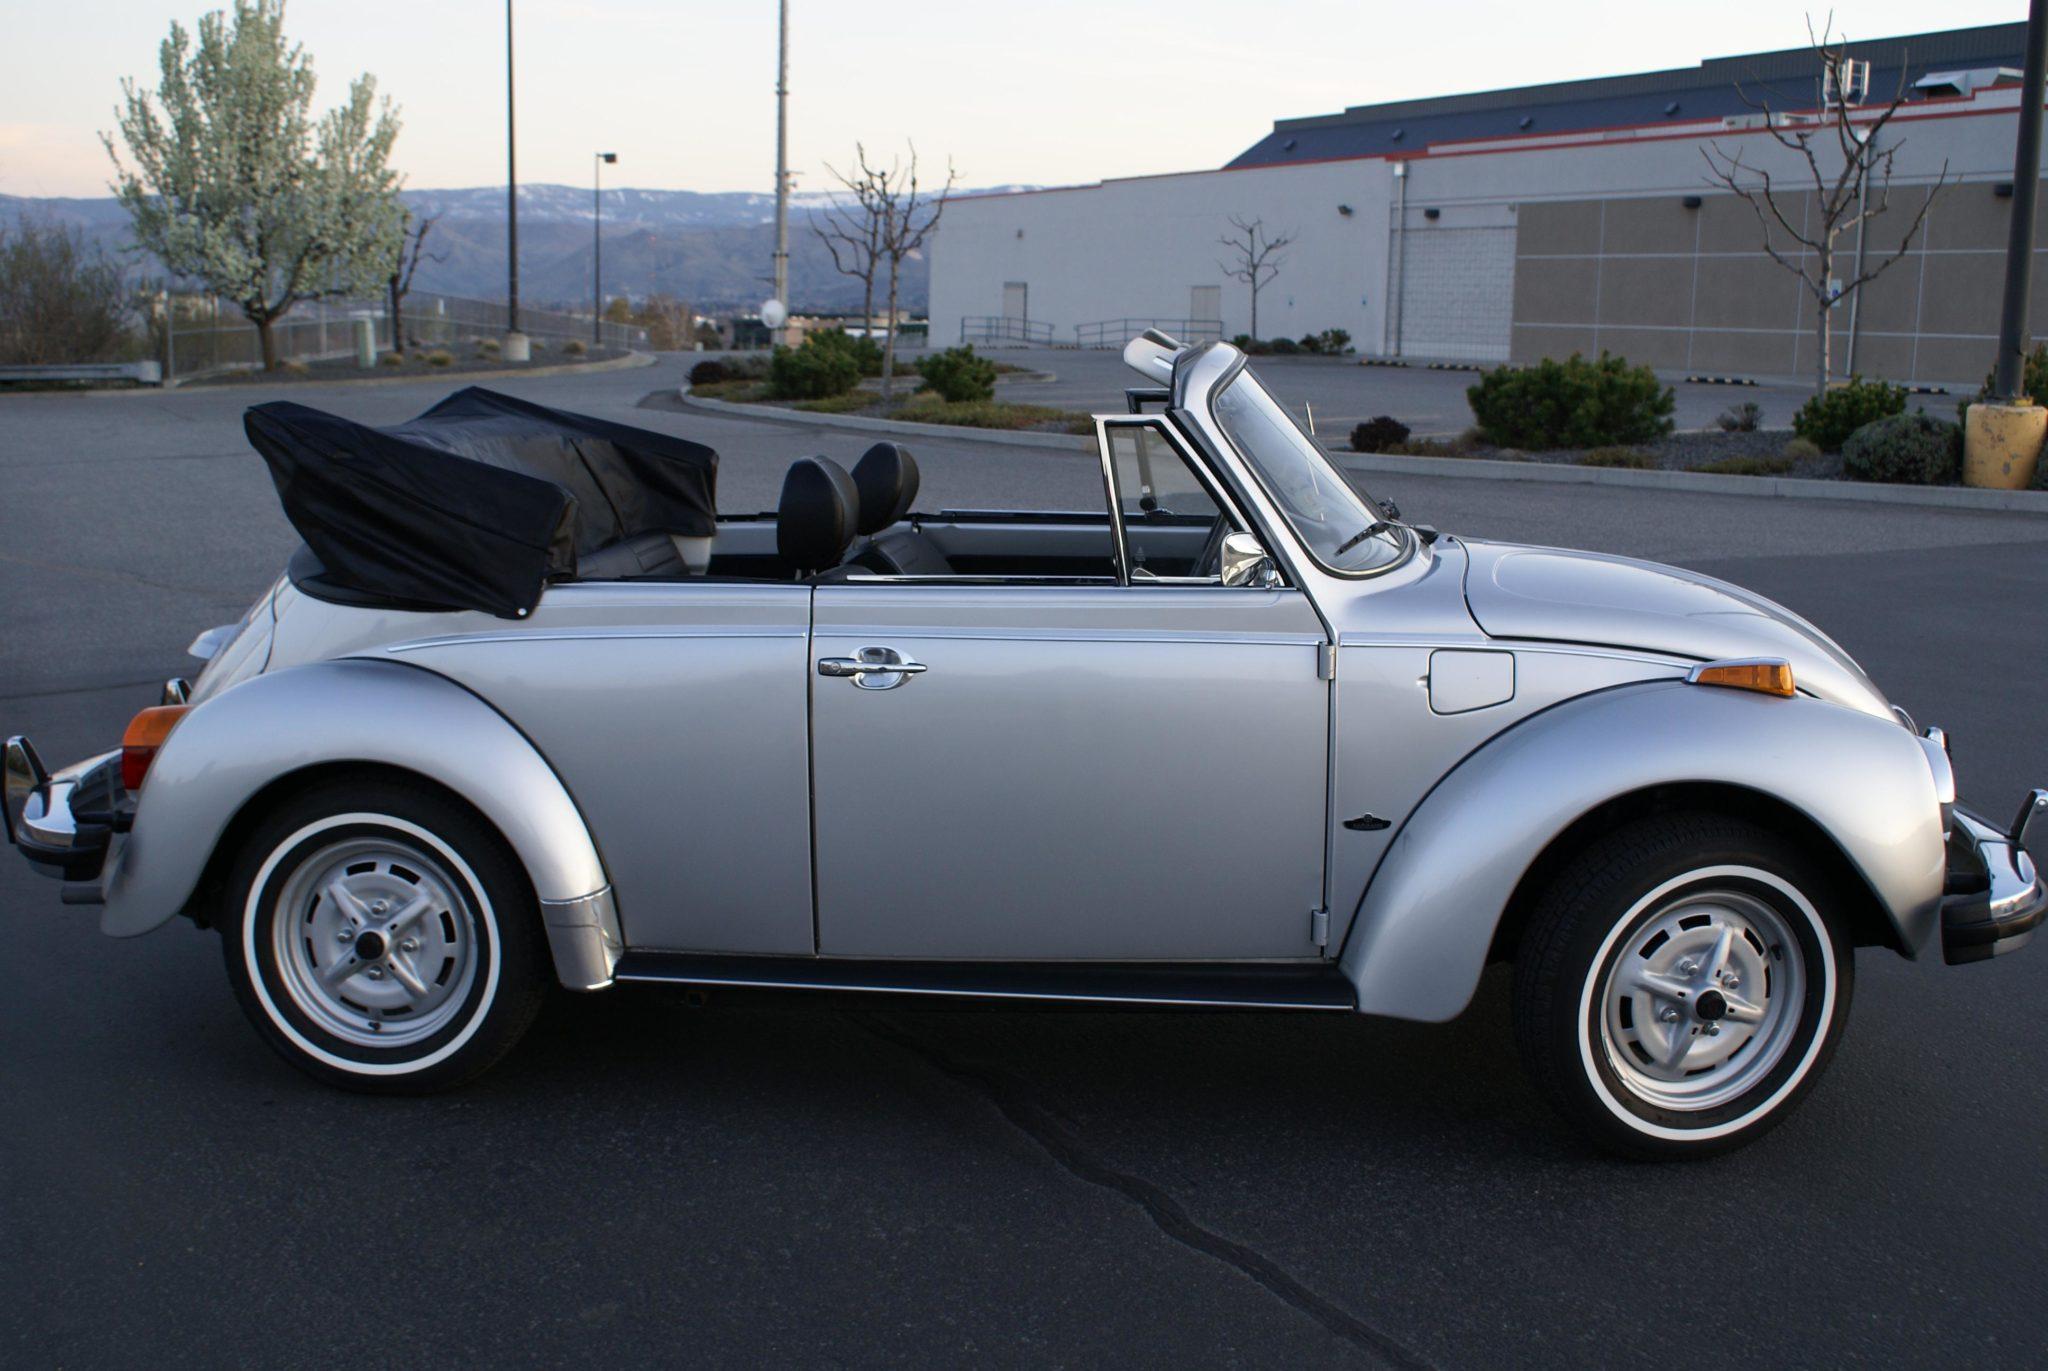 1979_volkswagen_super_beetle_cabriolet_1587072355f5ff3ef5edb259772020-04-08-19.32.16-scaled